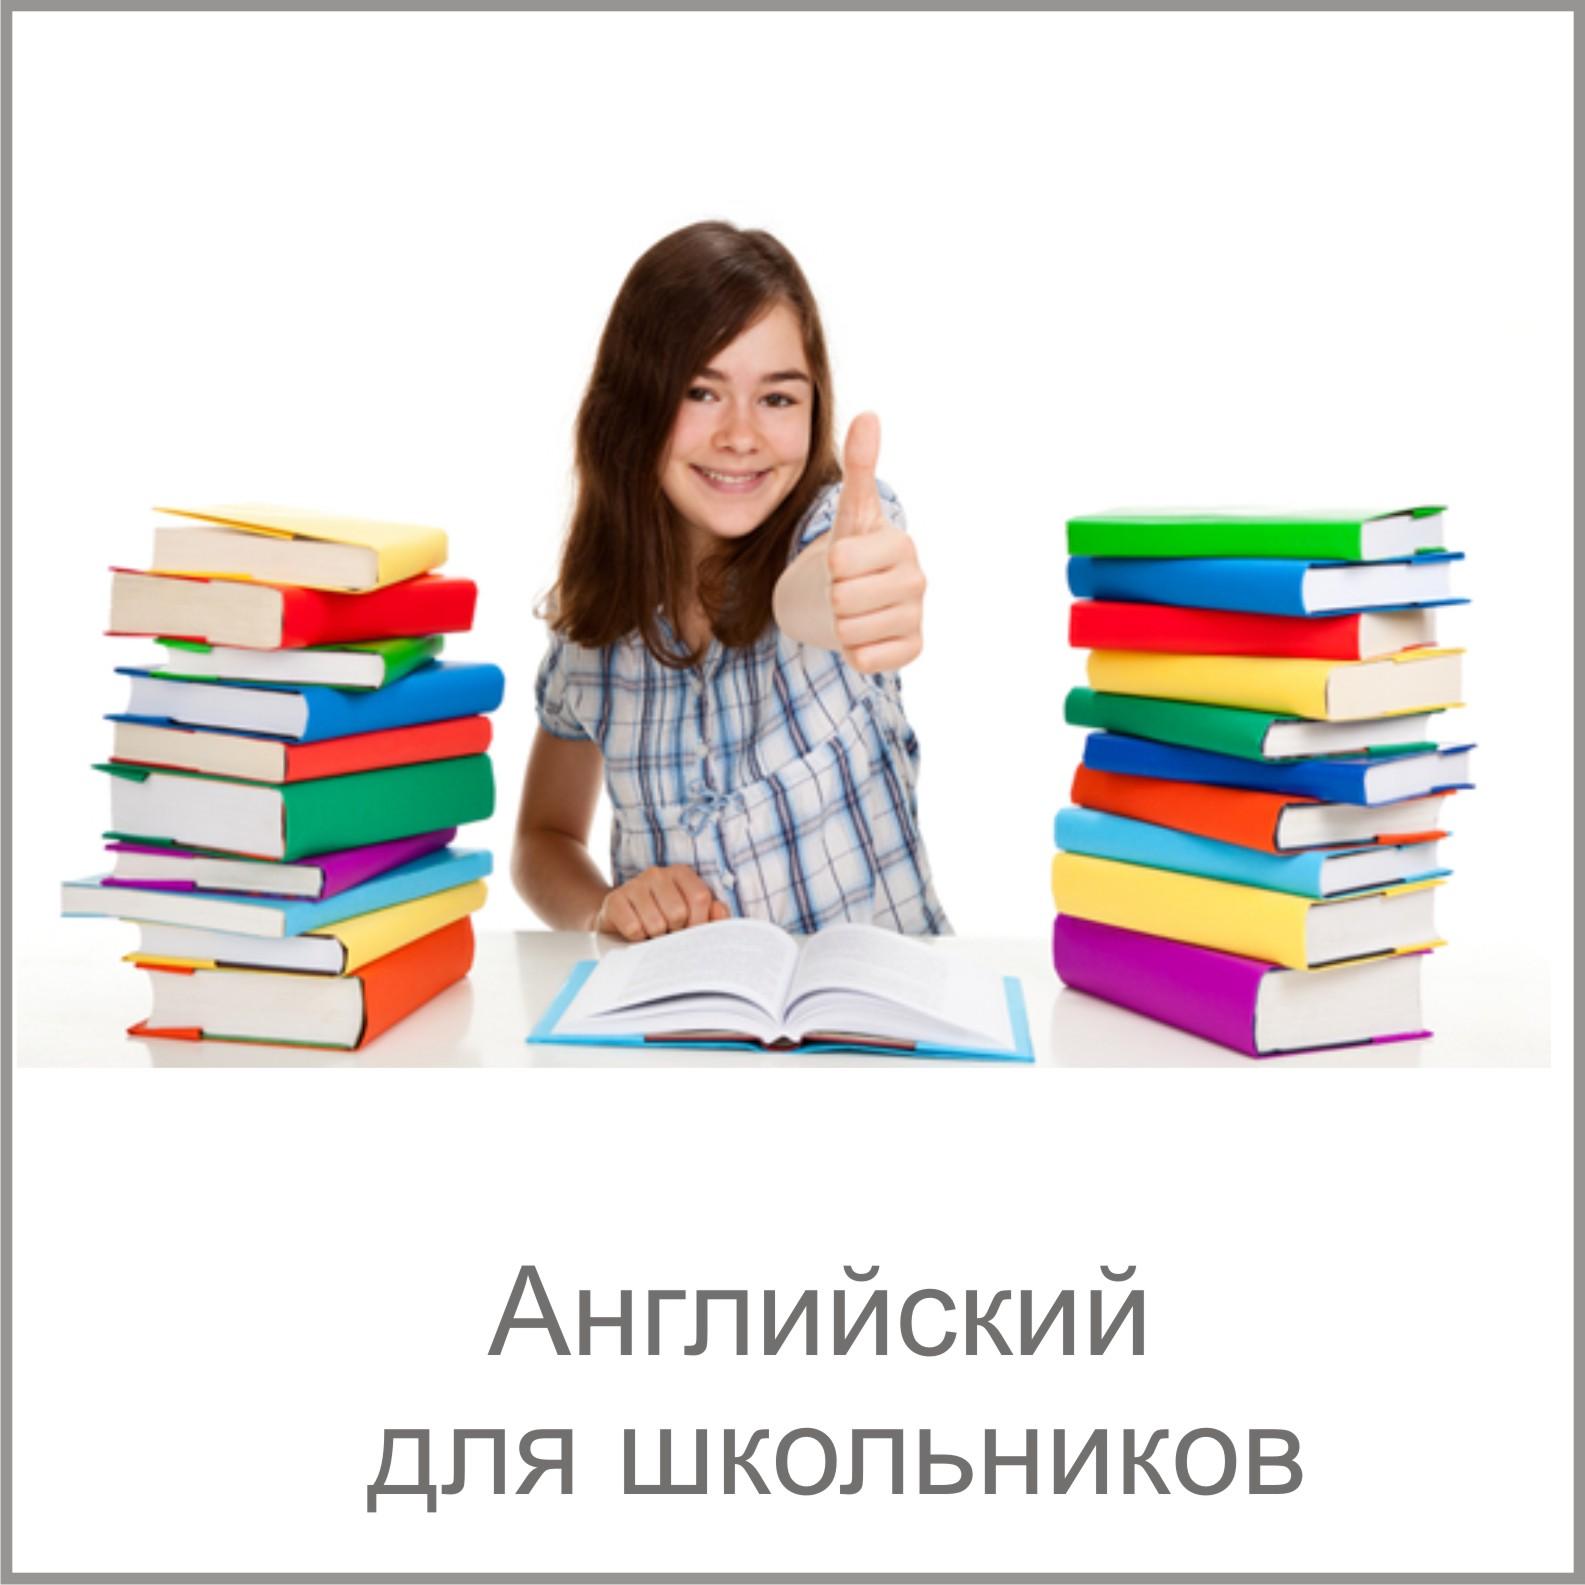 http://english-and-home.ru/upload/fbffca3a6a8b1737015c3b0dcf23d978.jpeg